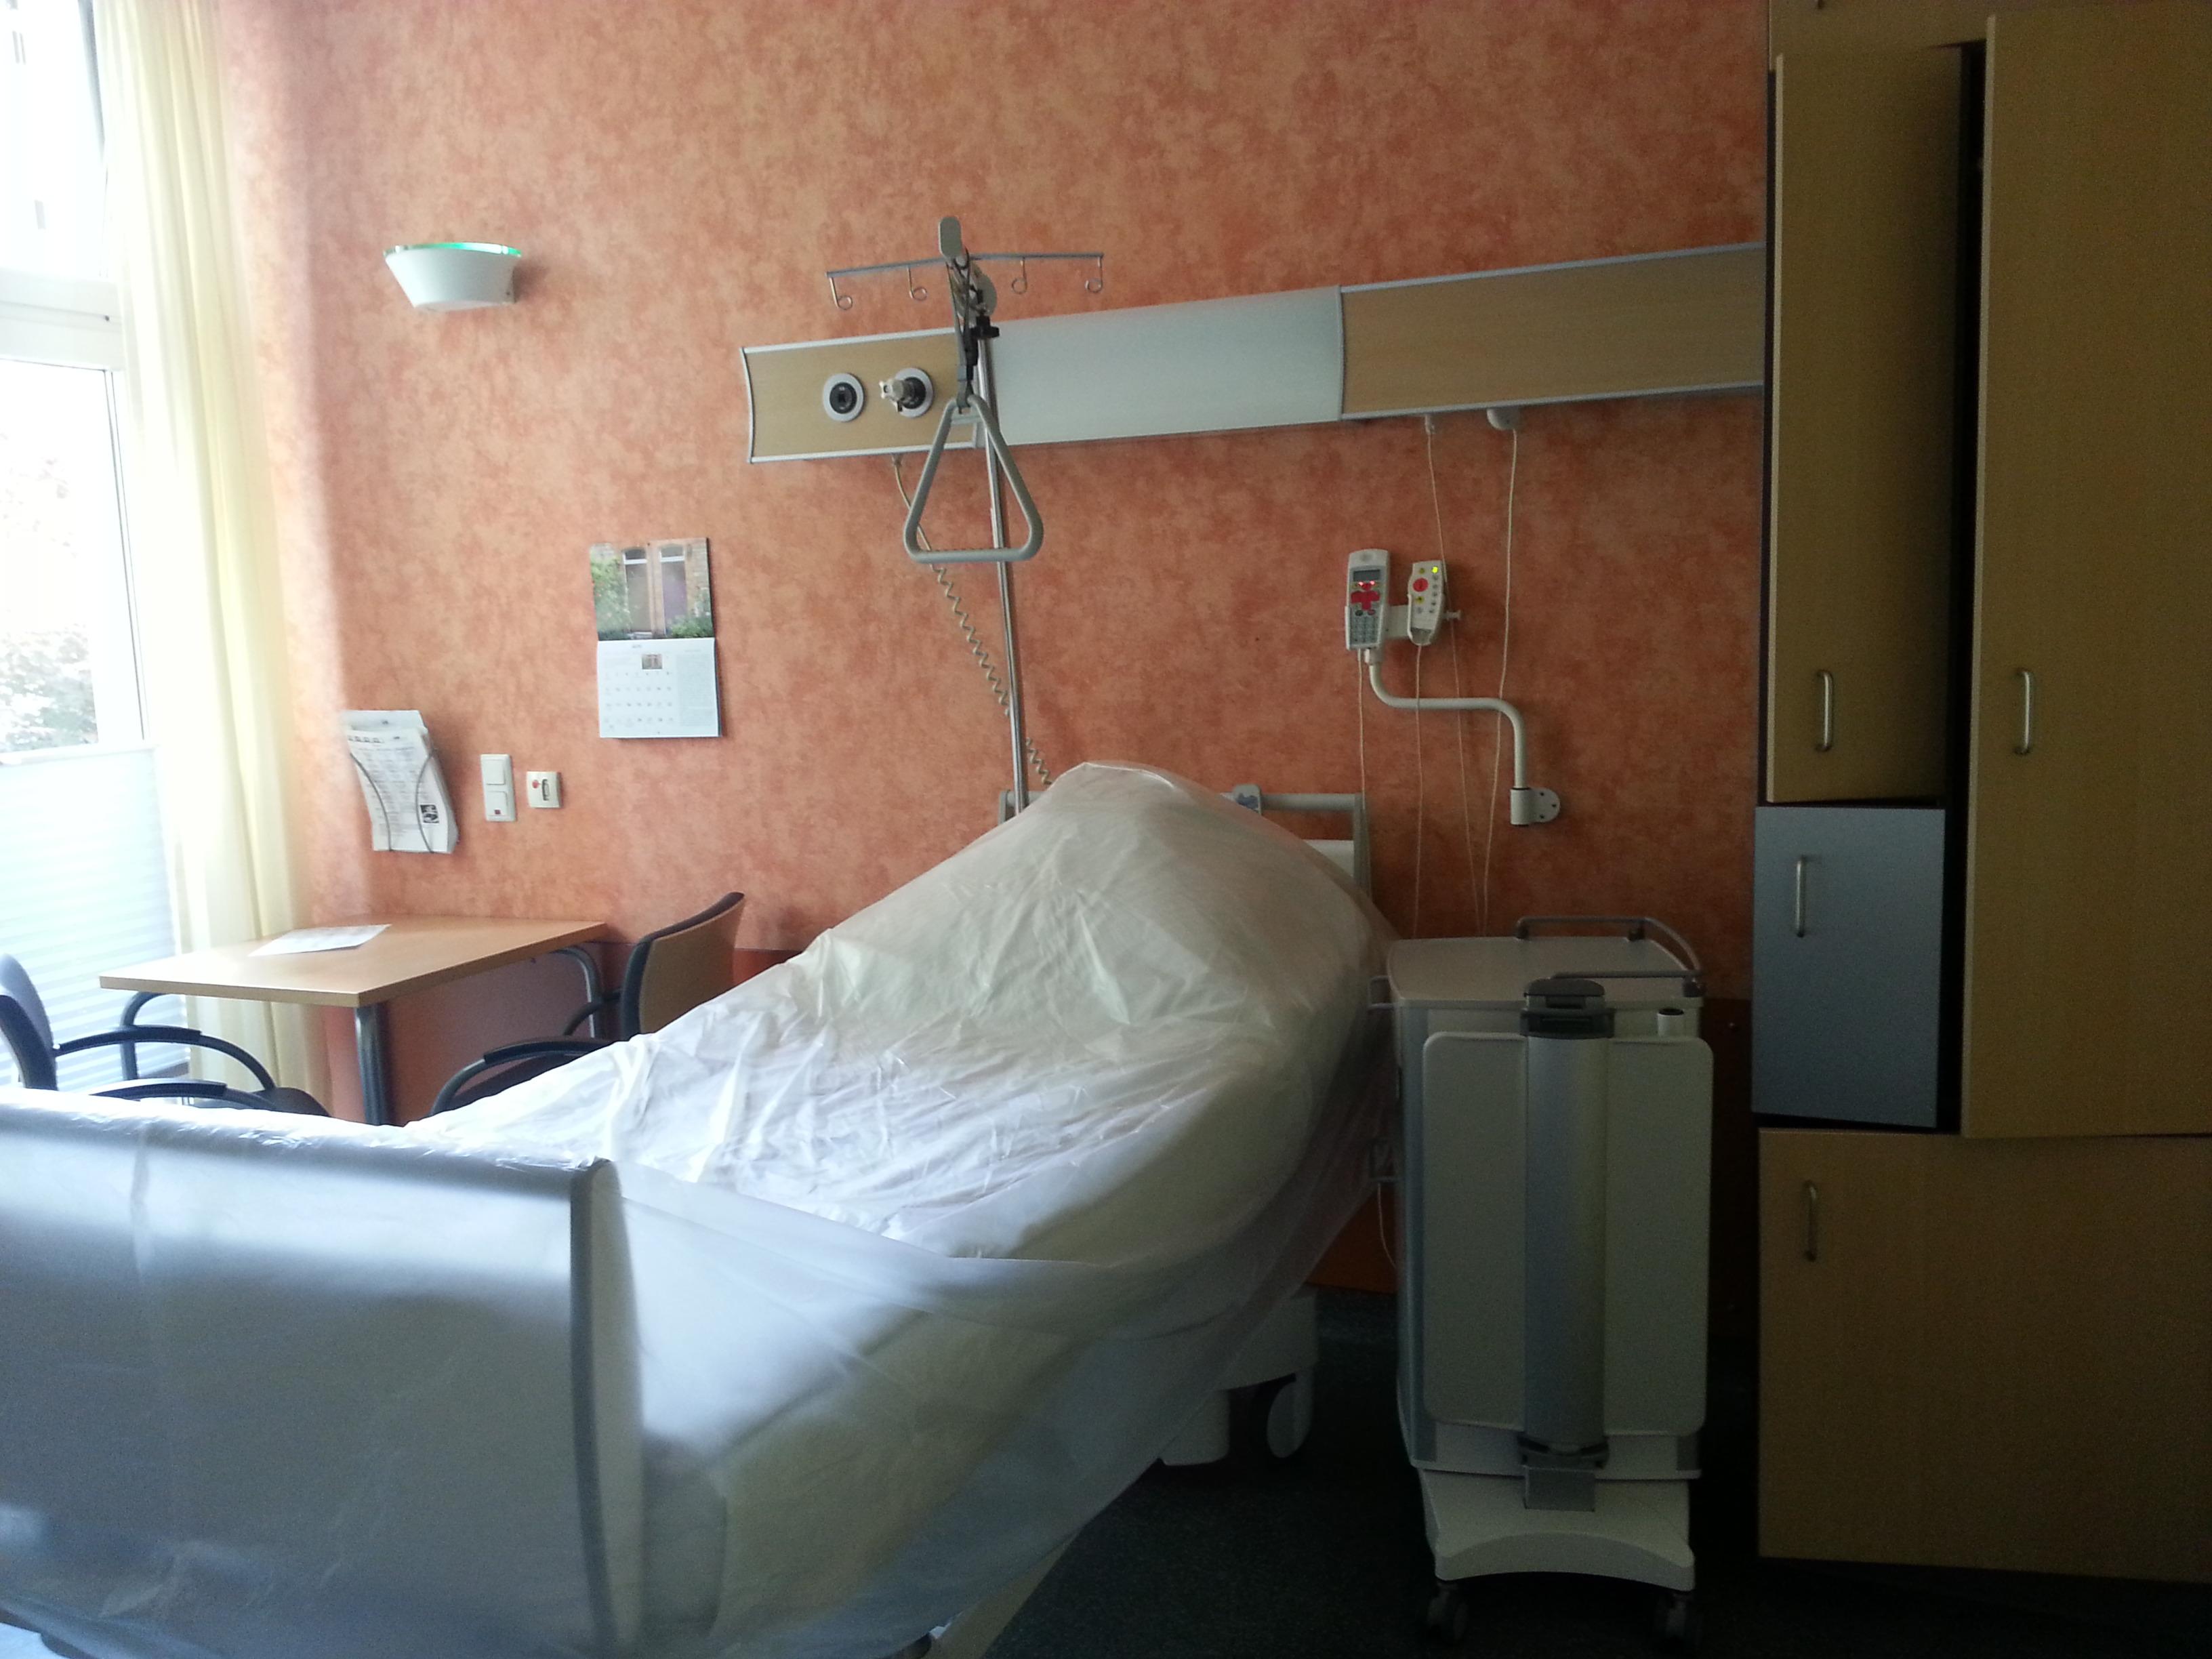 oberschenkelhalsbruch wie lange krankenhaus